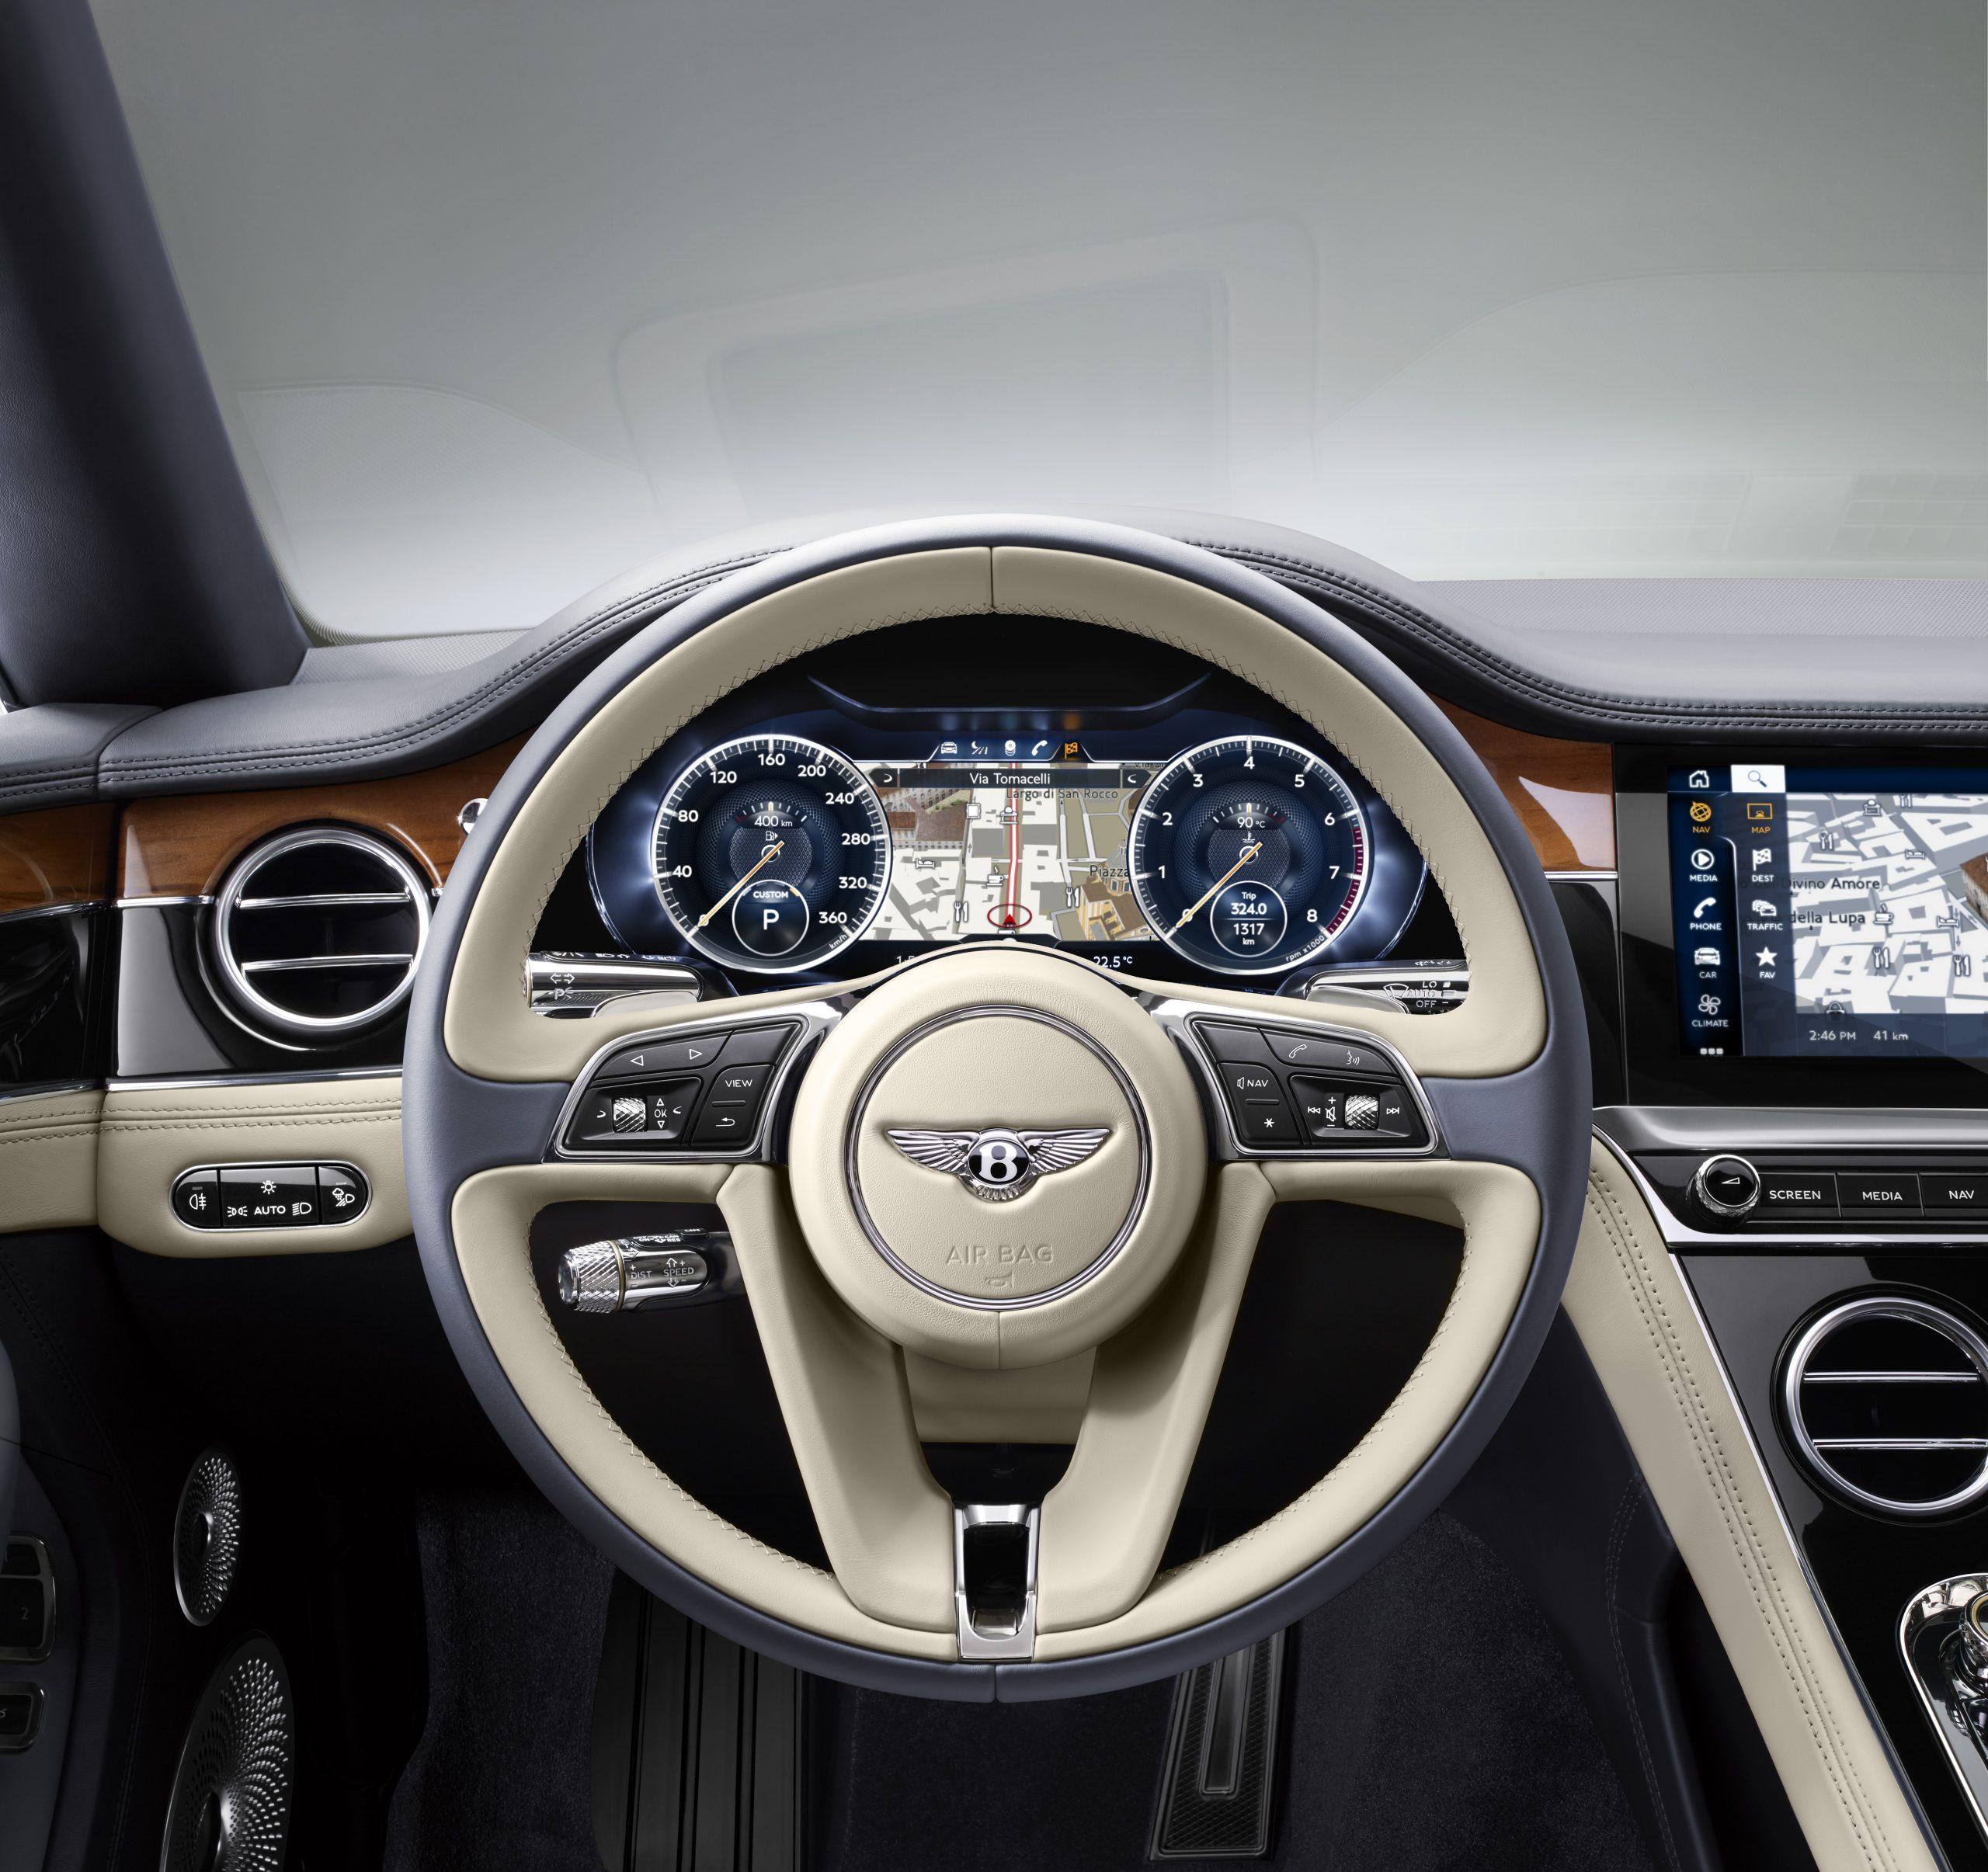 Bentley steering wheel